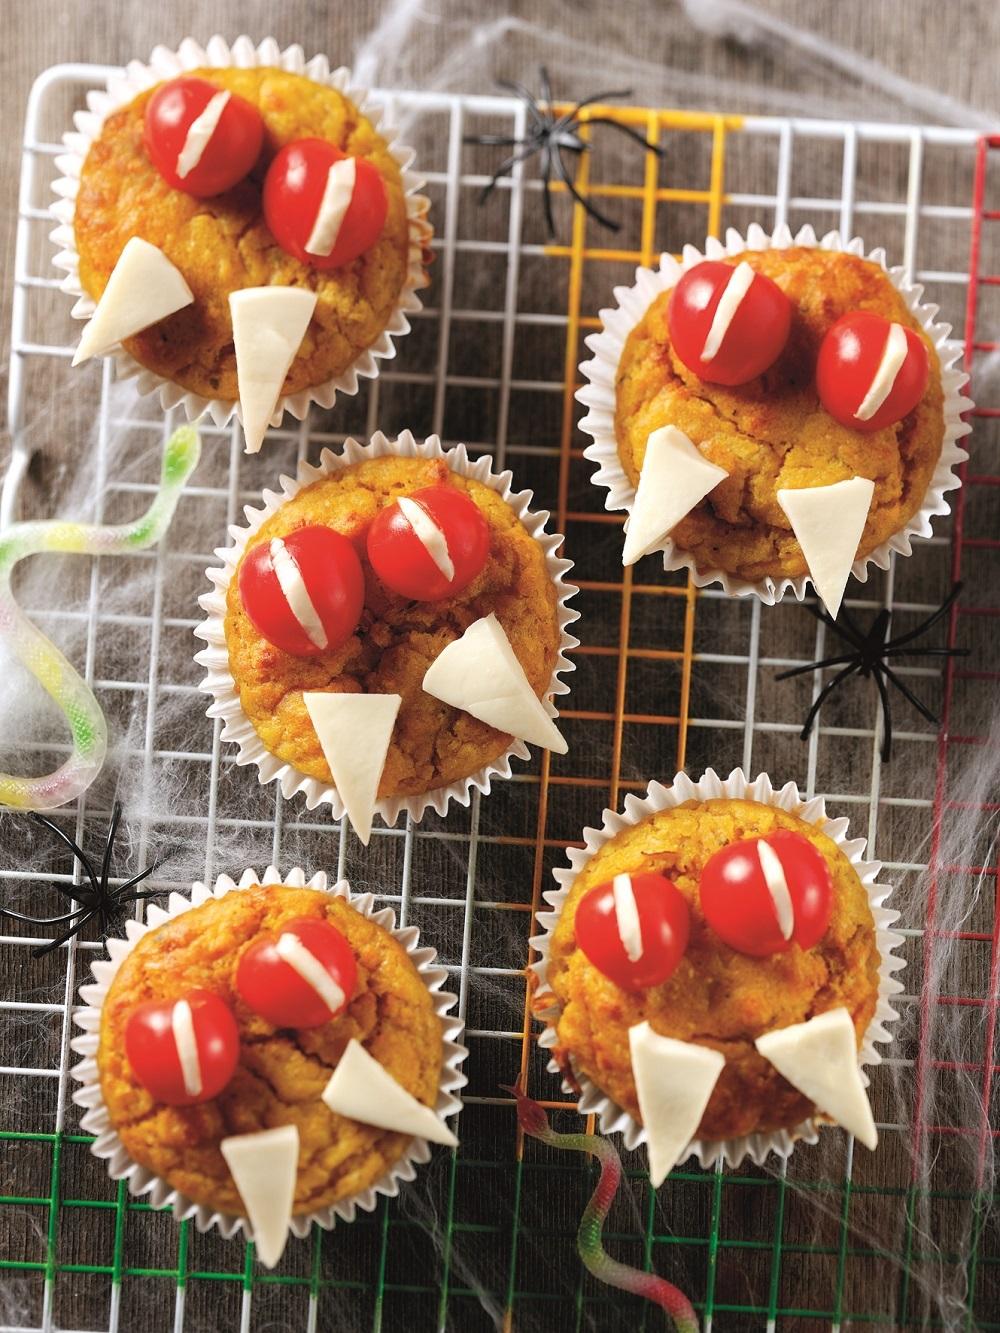 How To Make Vampire's Pumpkin Muffins